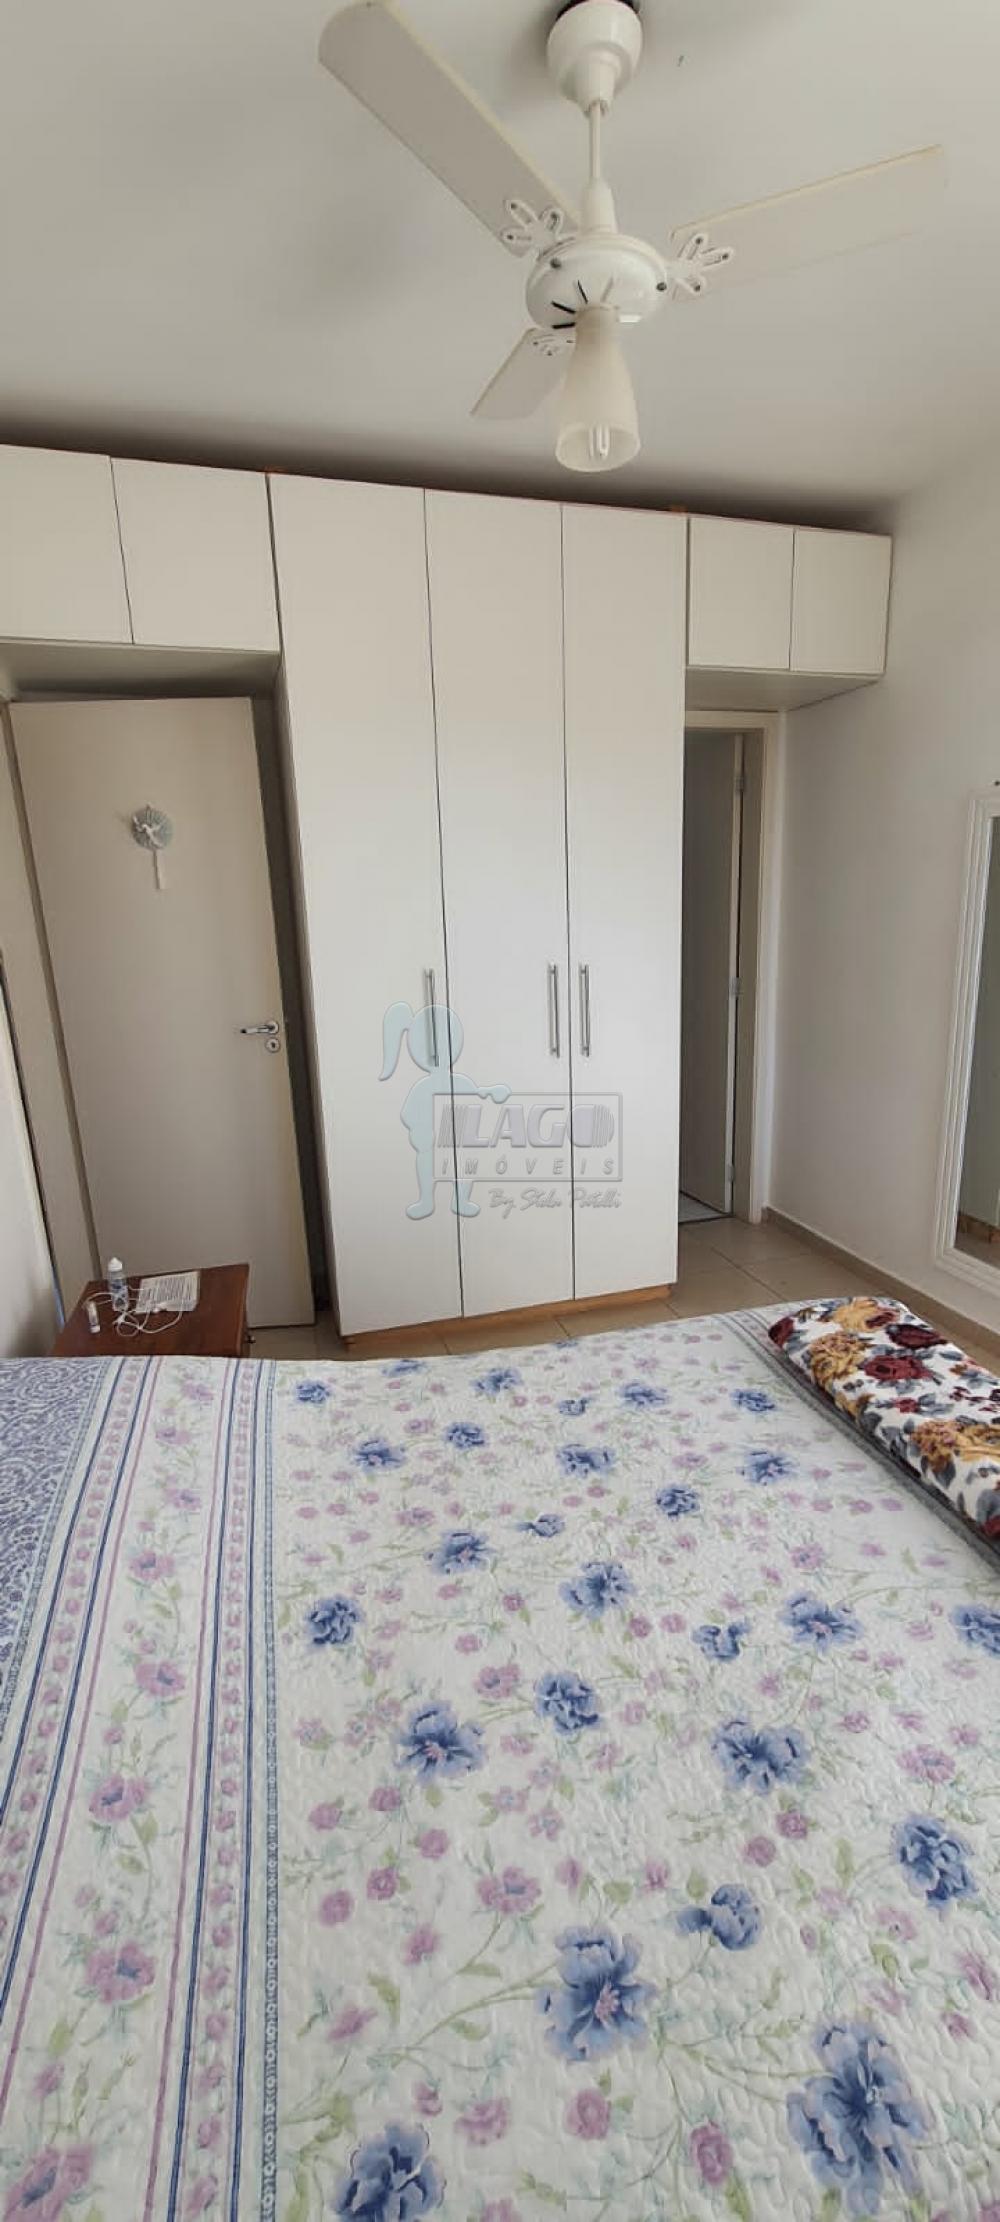 Comprar Casas / Condomínio em Ribeirão Preto R$ 530.000,00 - Foto 14